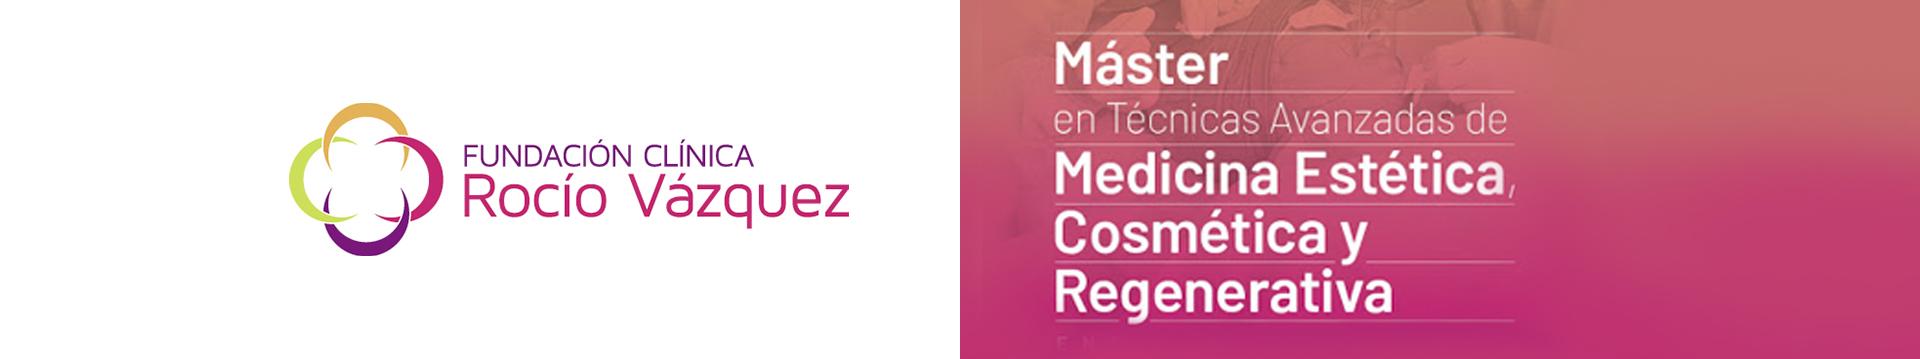 Fundación Clínica Rocío Vázquez